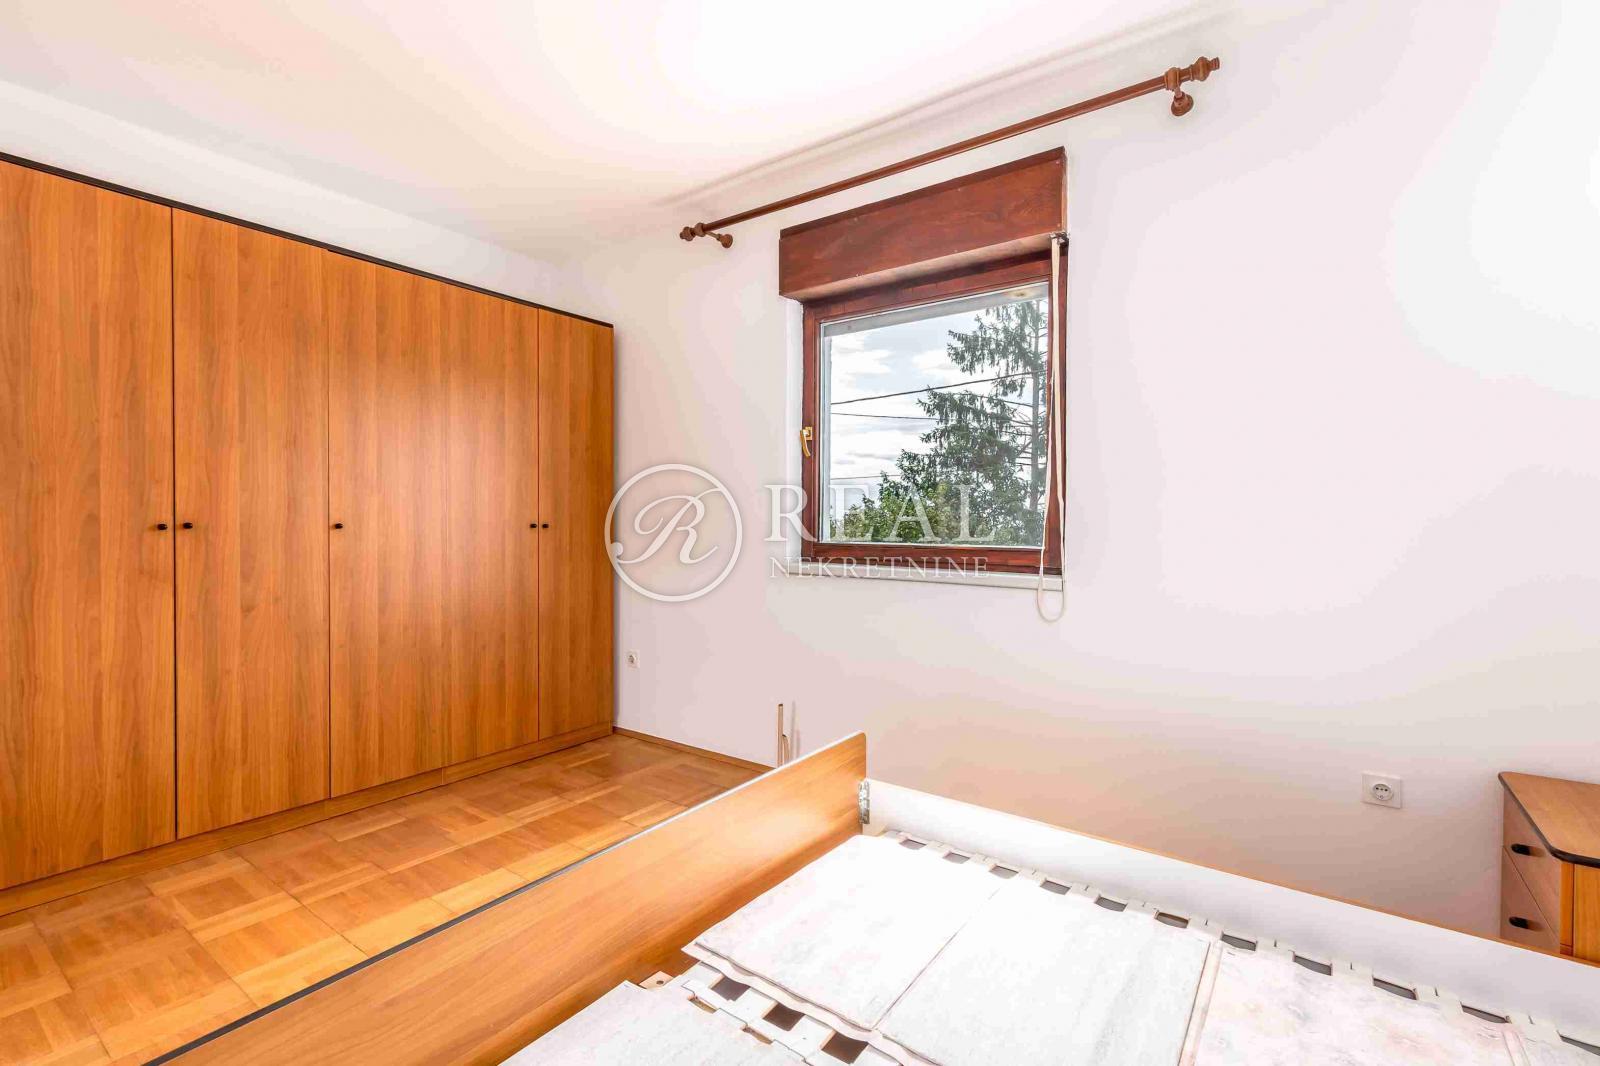 Predivna kuća, 220 m2 + okućnica,Opatija